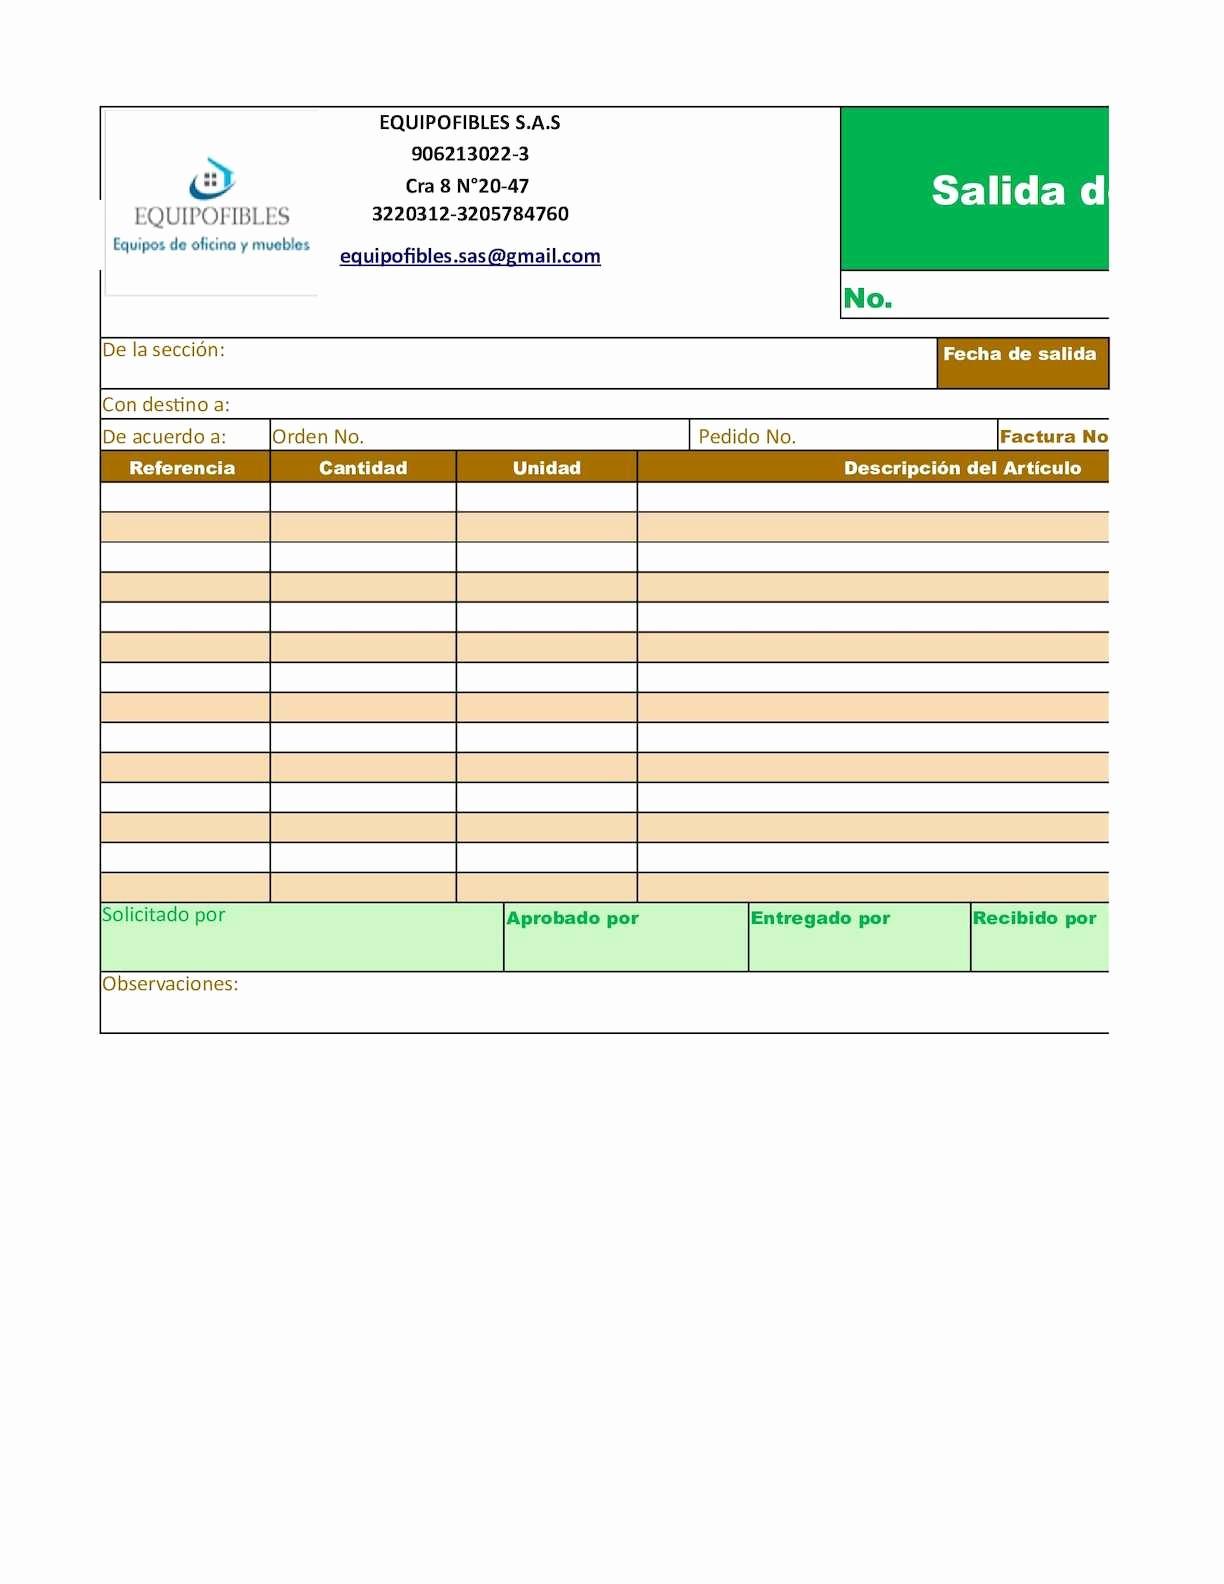 Formato Salida De Almacen Excel Unique Calaméo formato Salida De AlmacÉn